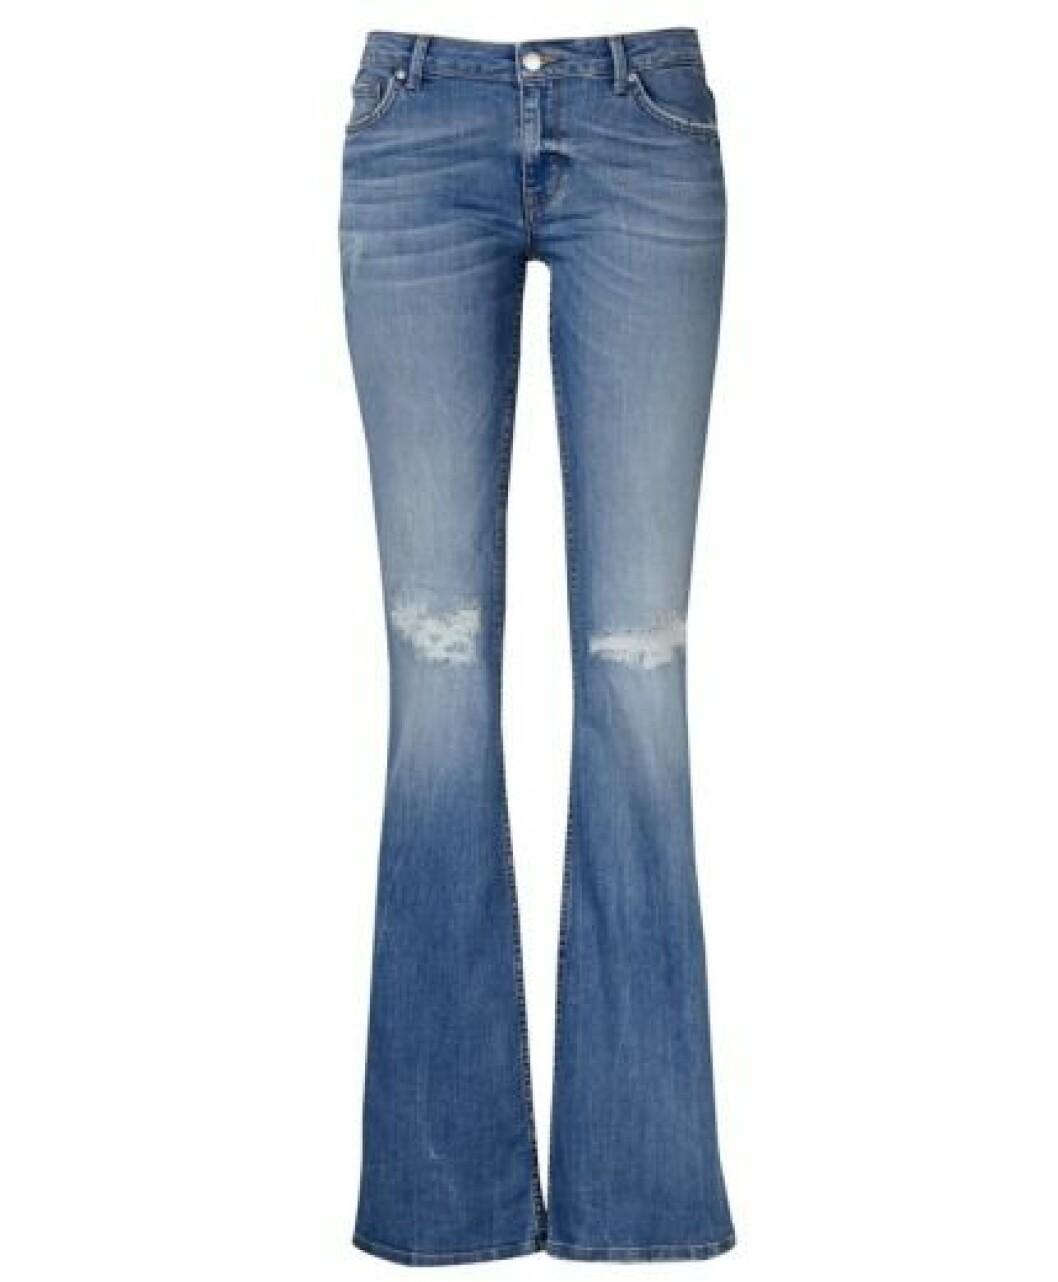 slitna utsvängda jeans